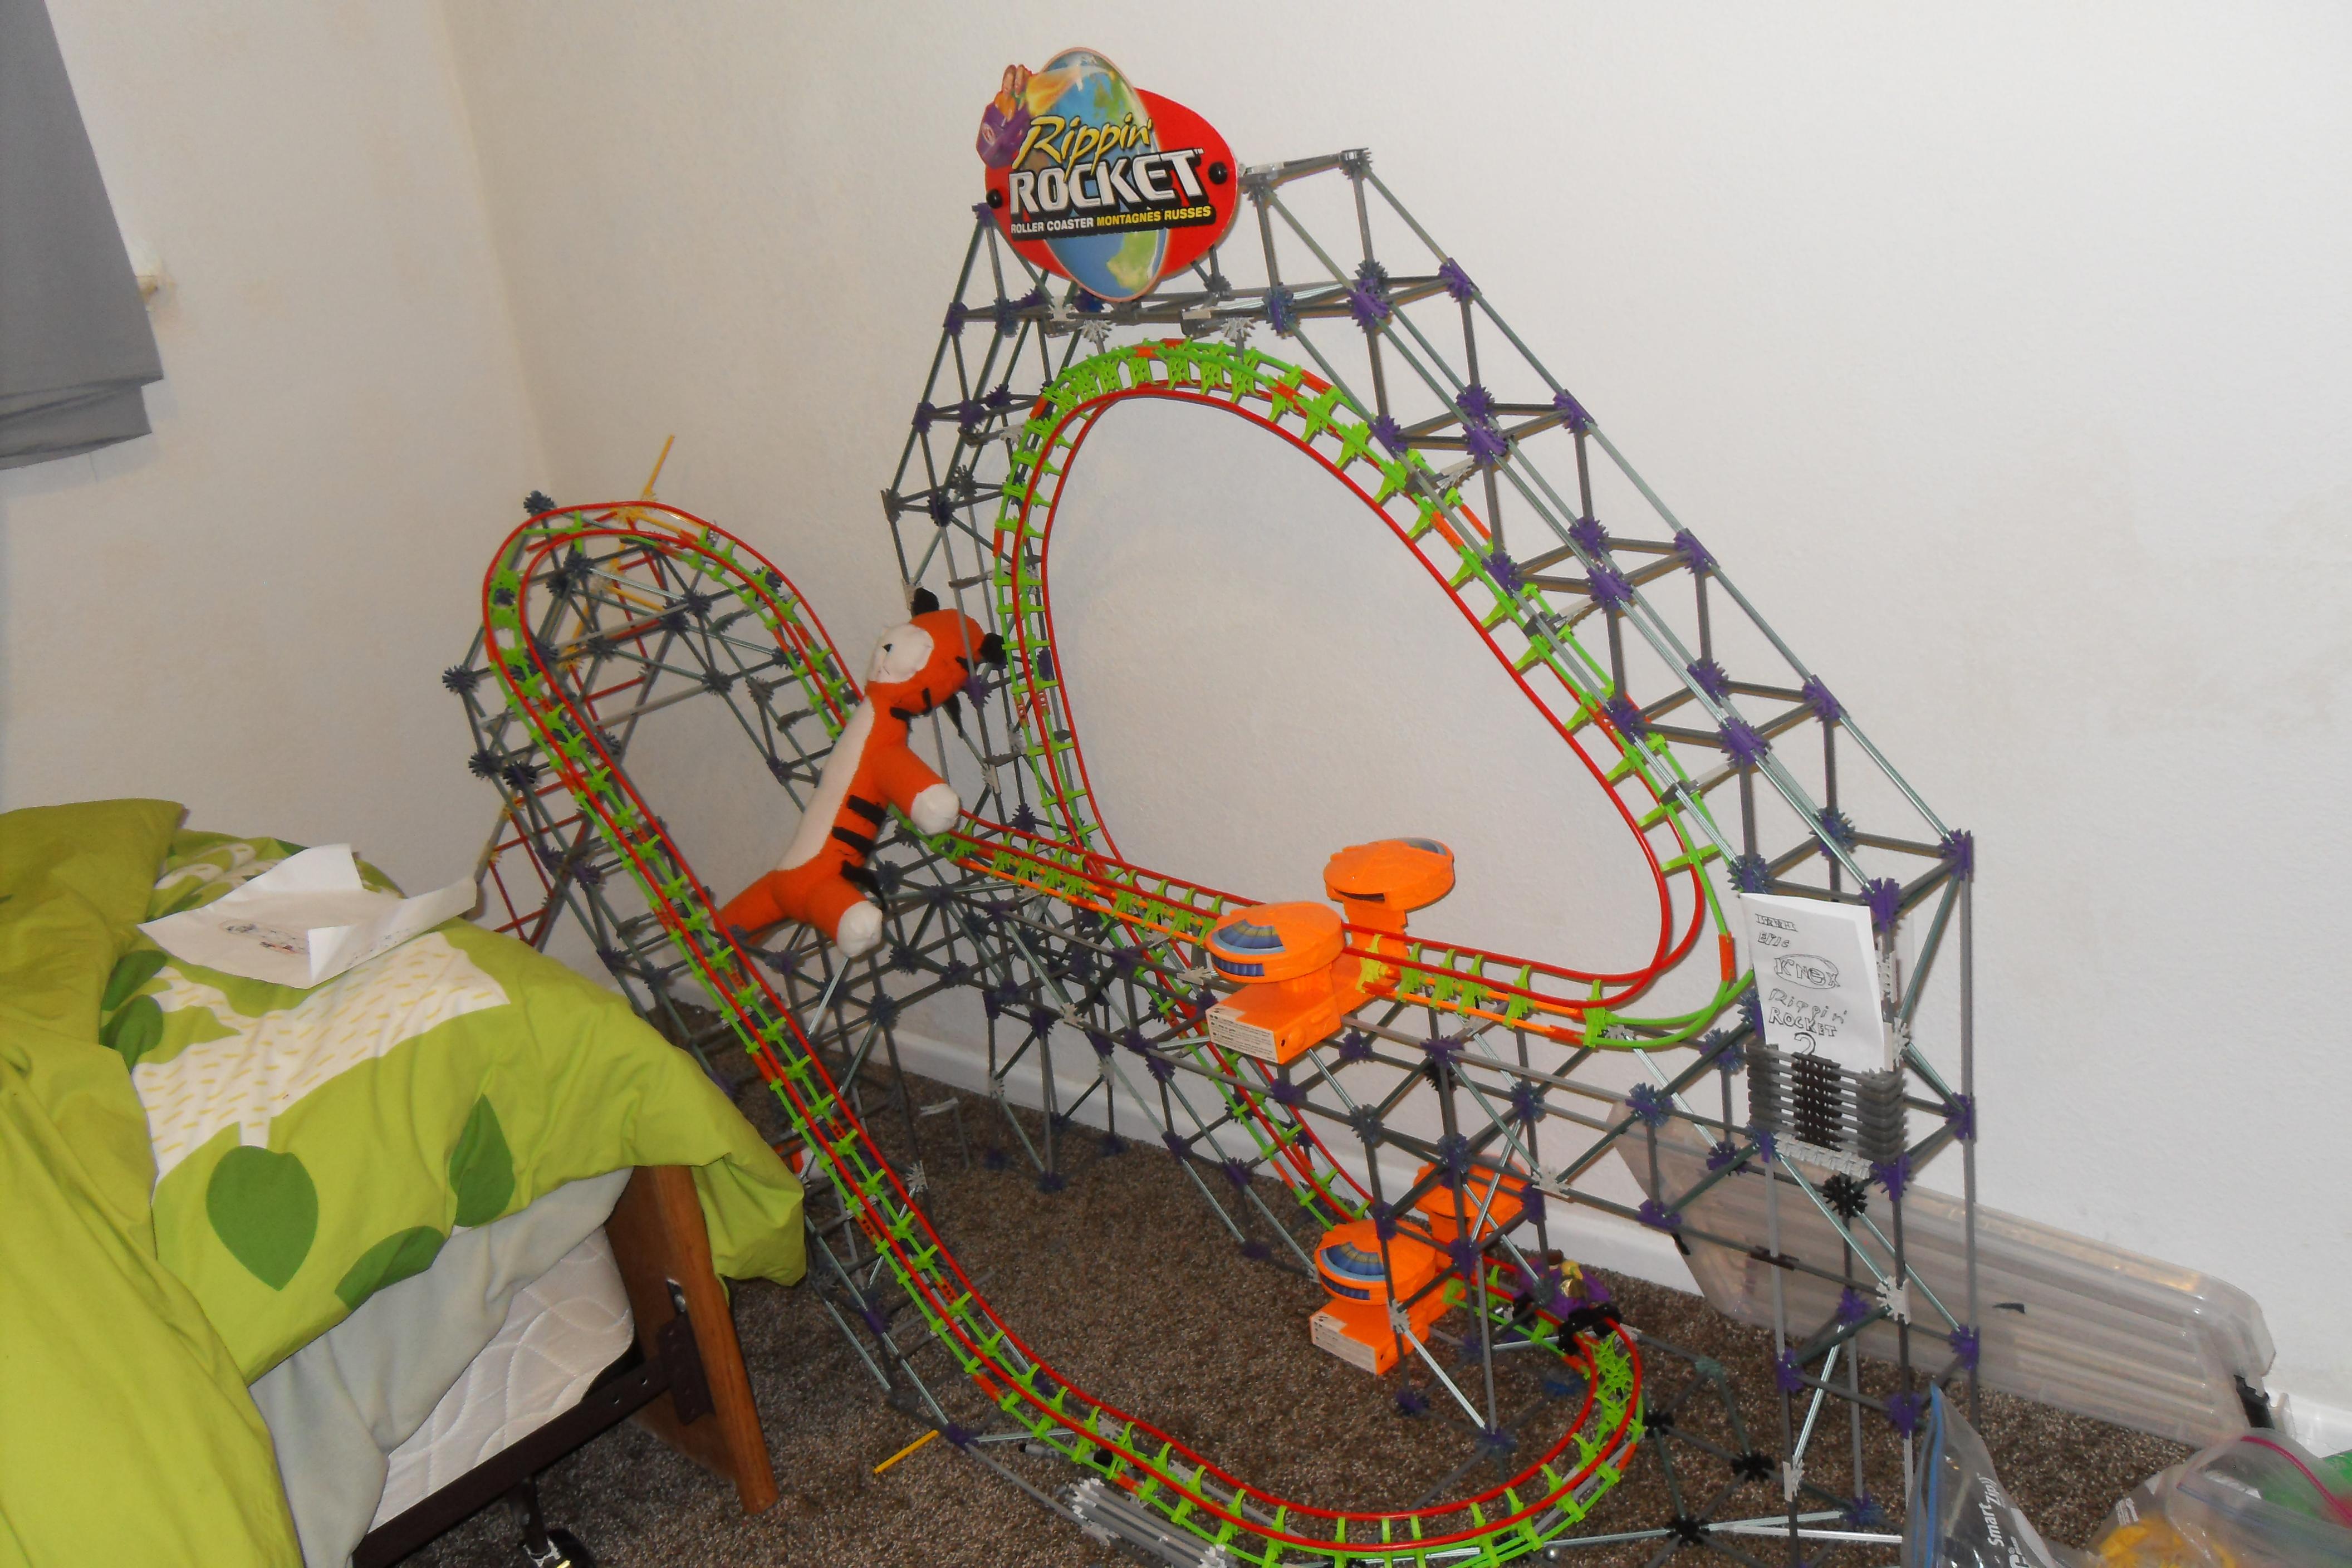 Knex roller coaster: Rippin' Rocket 3